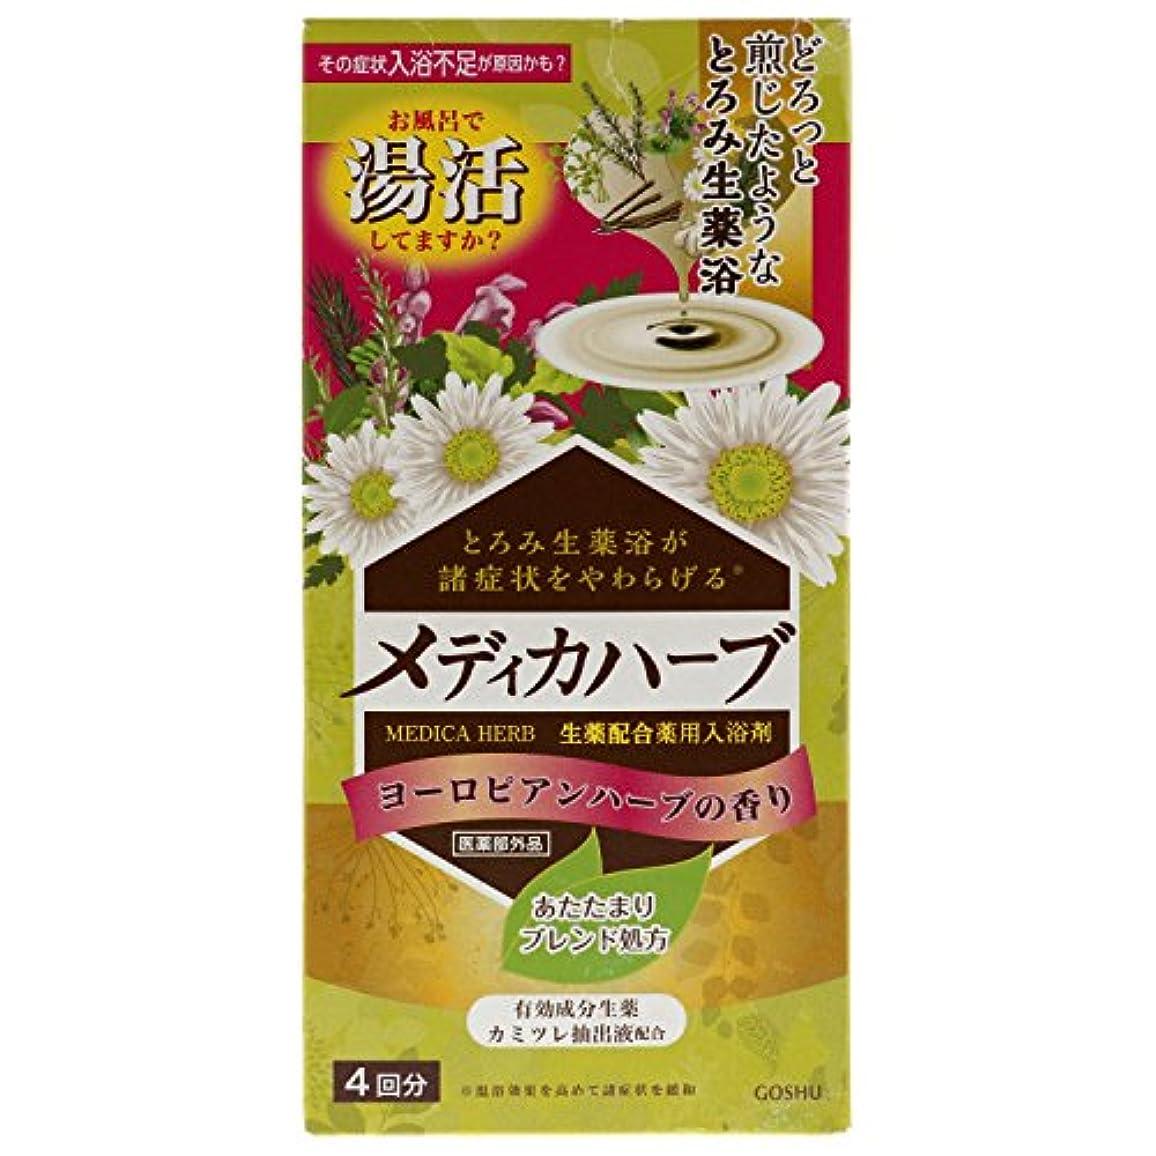 かるご近所大使メディカハーブ ヨーロピアンハーブの香り 4包(4回分) [医薬部外品]